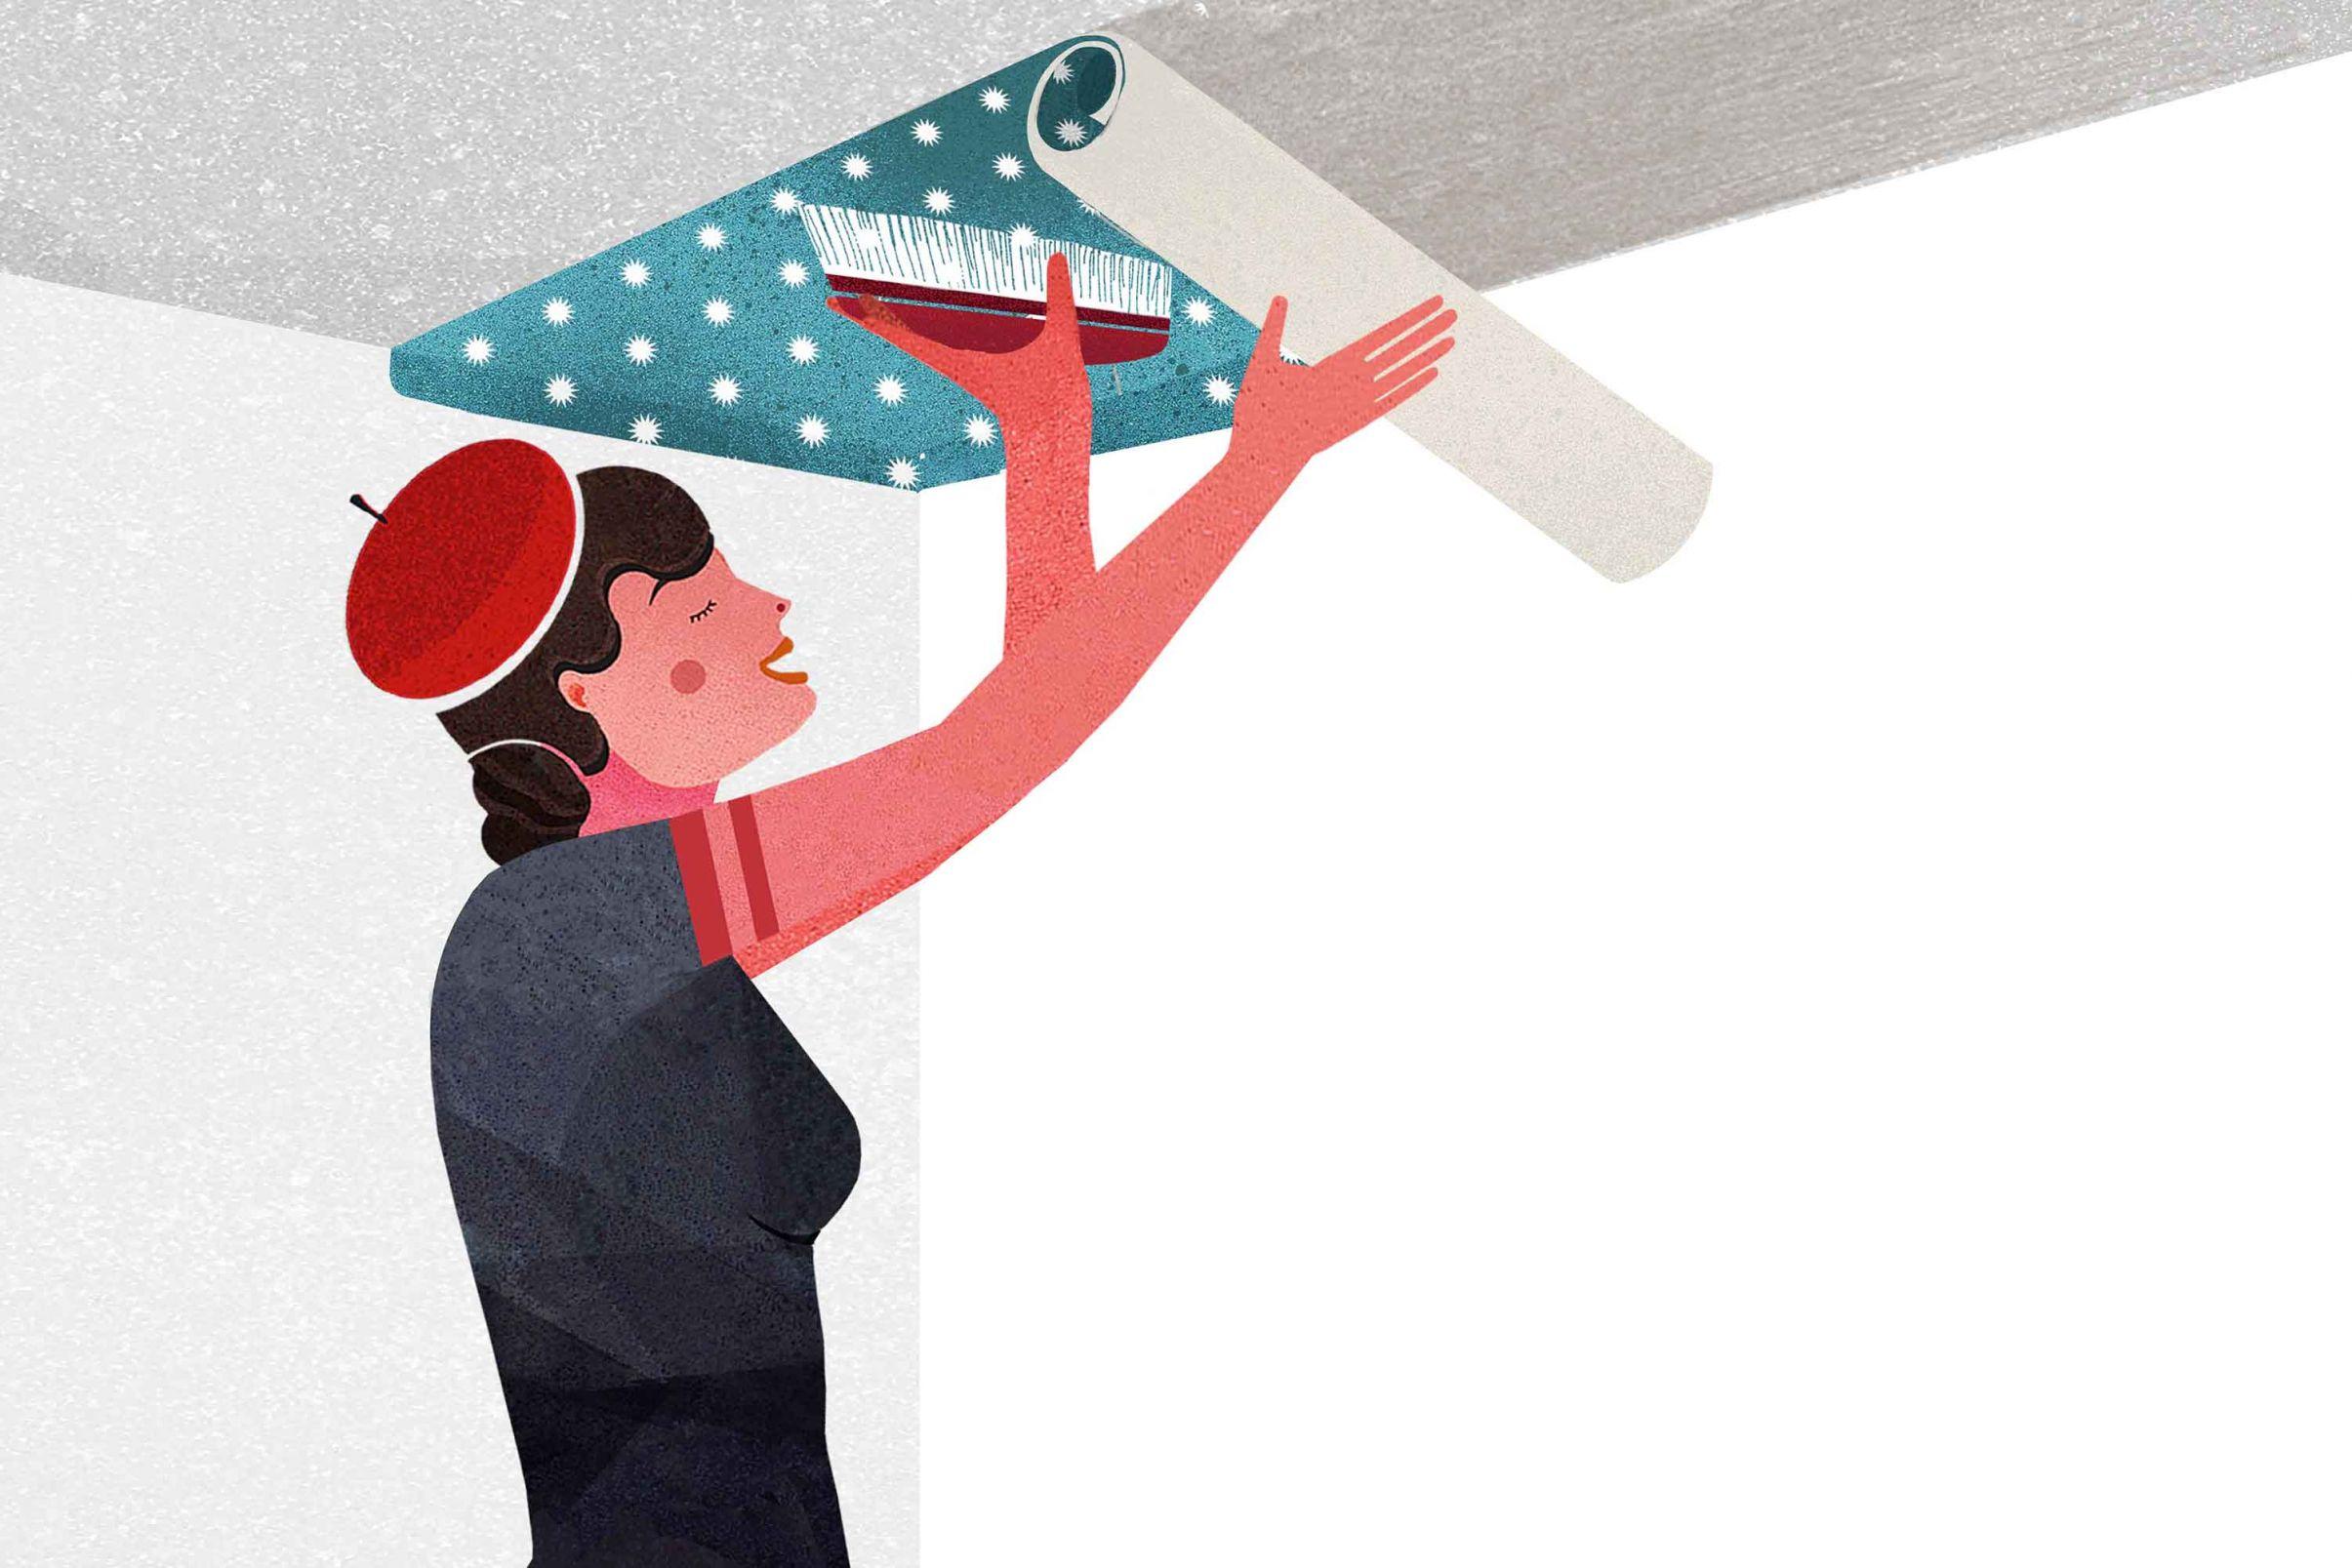 Come-tappezzare-il-soffitto-Posare-la-carta-da-parati